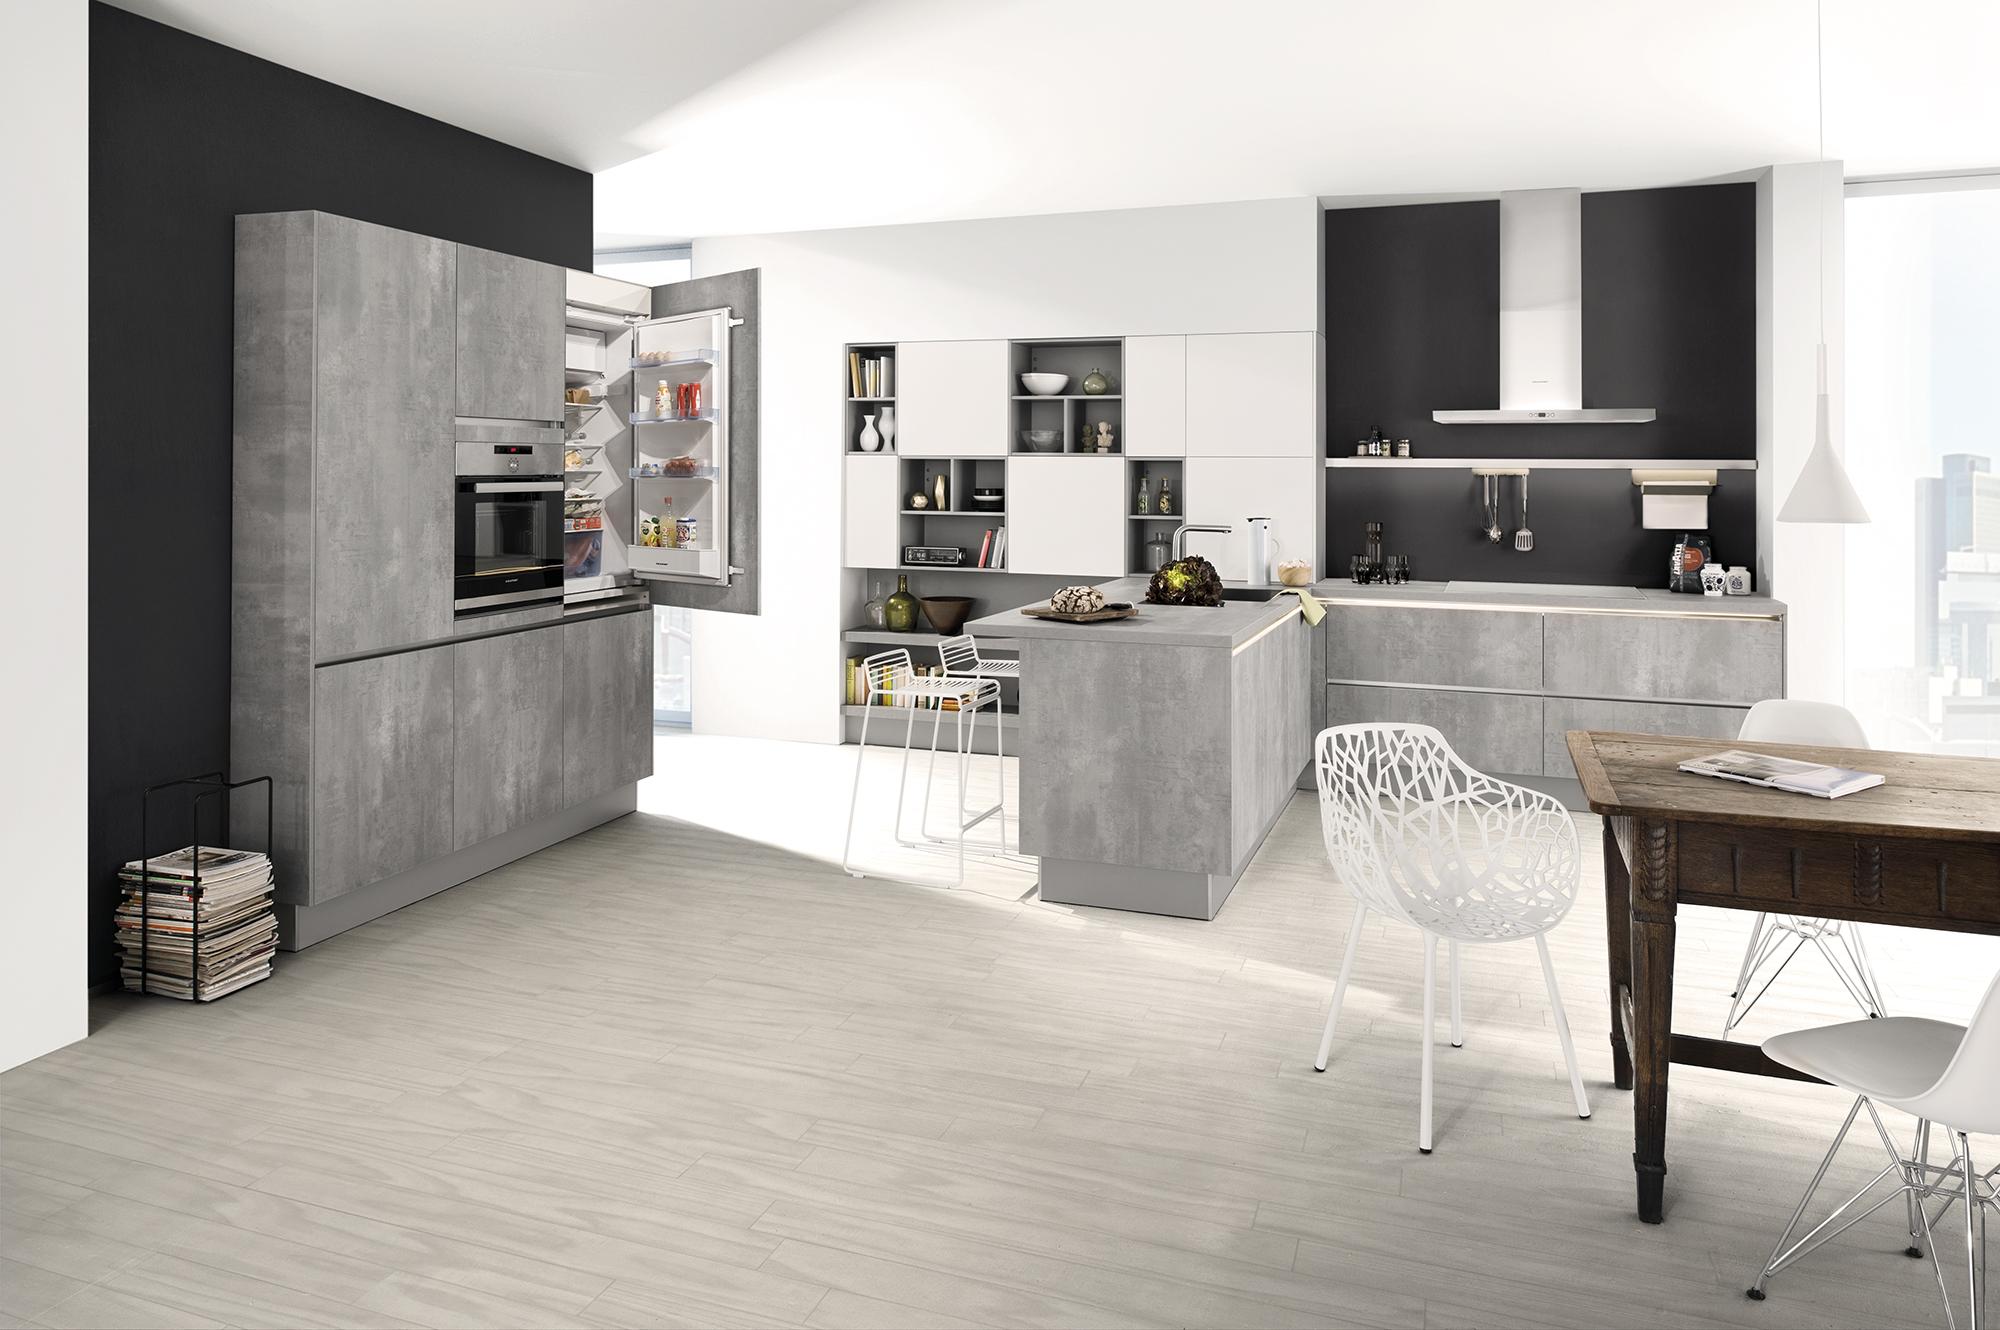 Comet cuisine jm cuisines cuisiniste orsay bagneux for Element pour cuisine